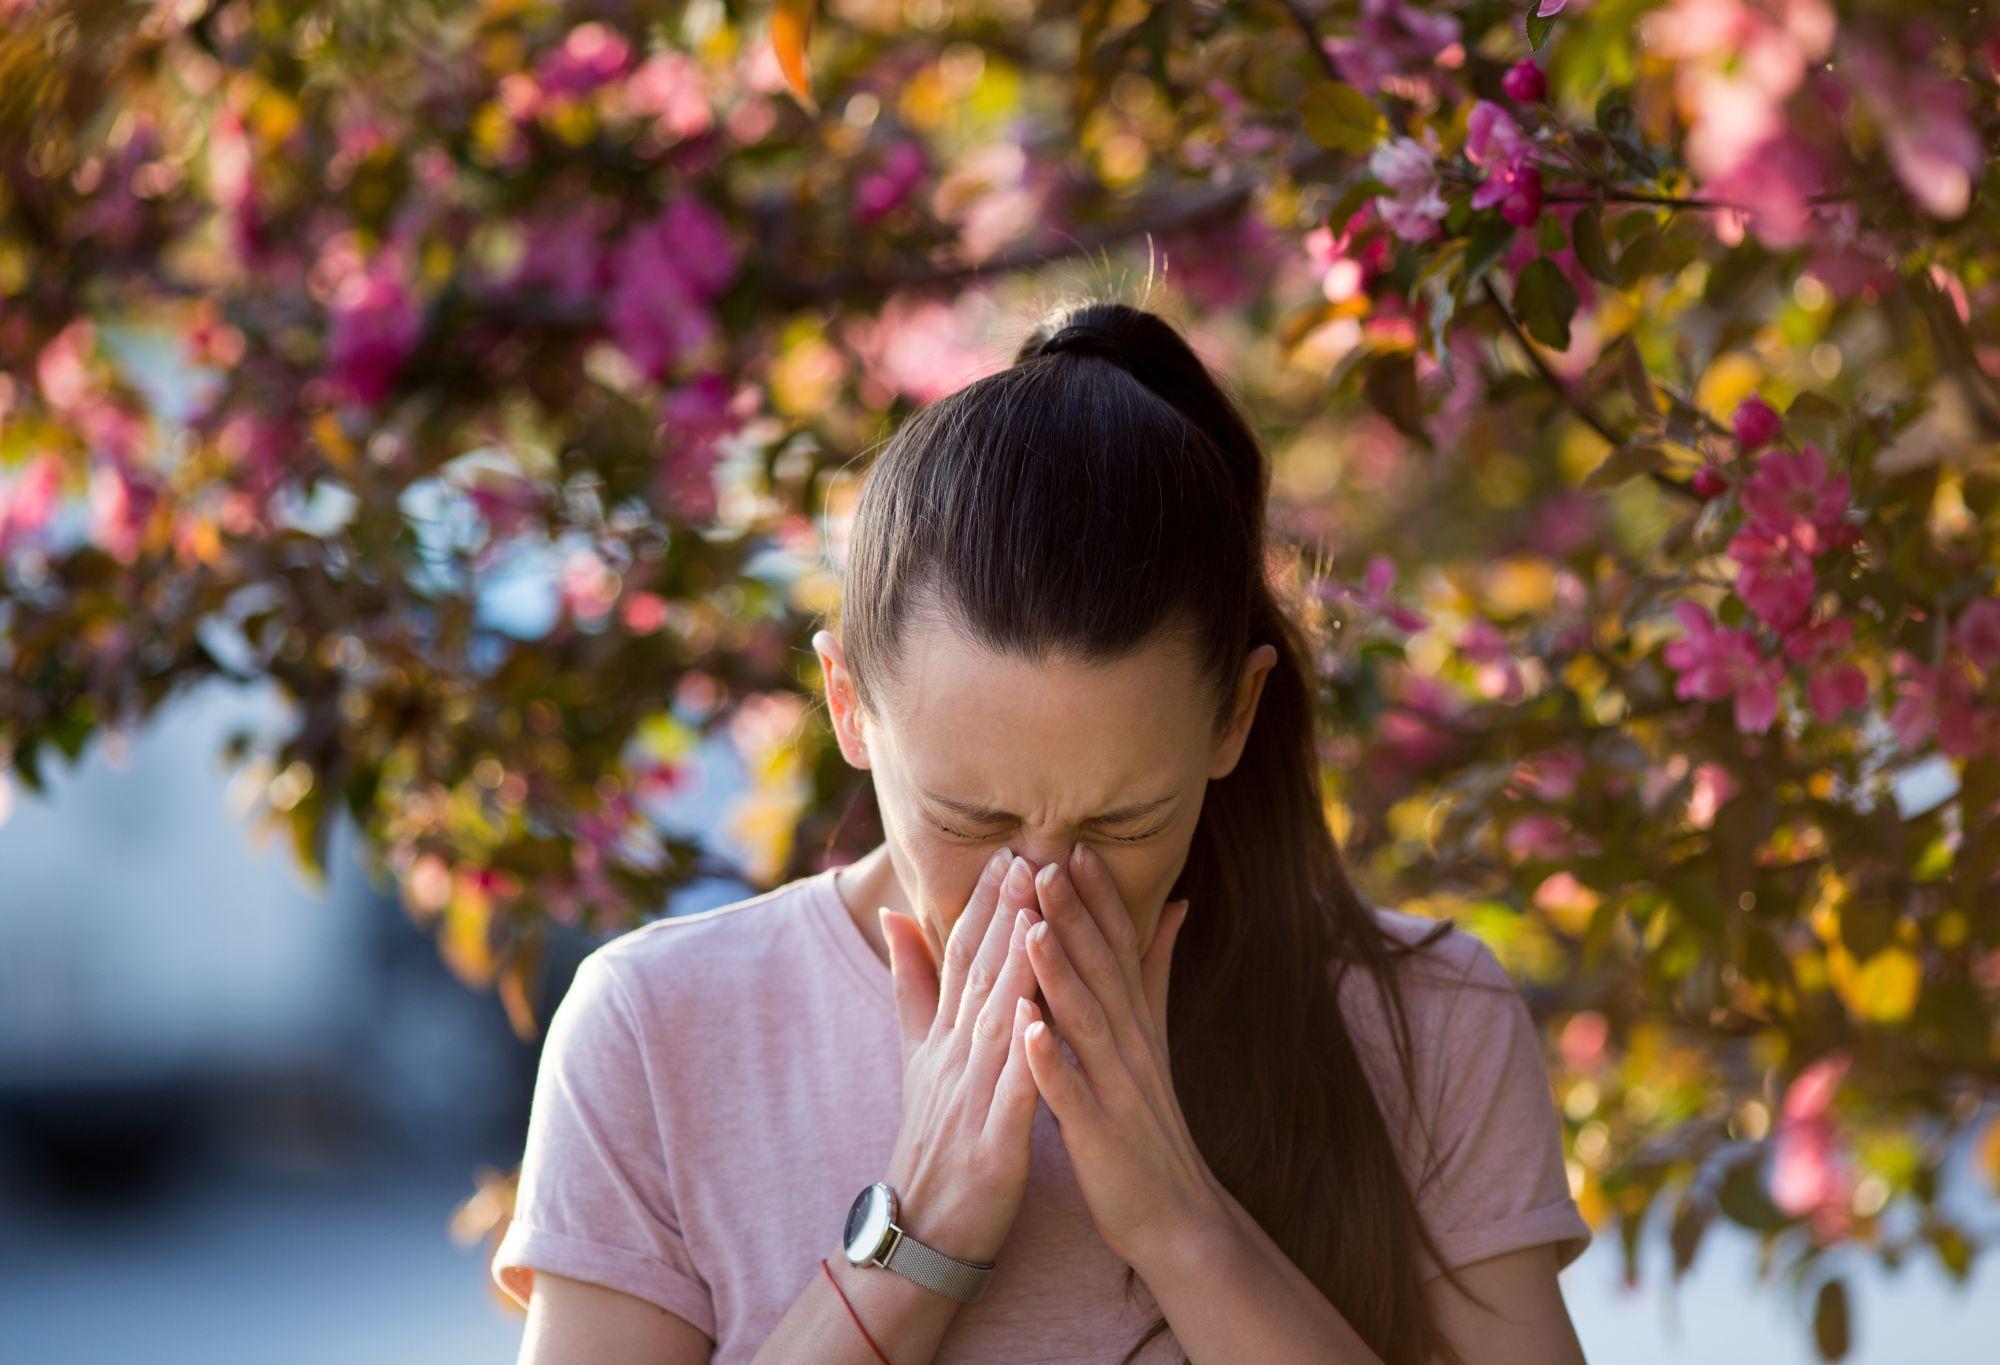 O femeie tânără strănută în fața unui copac înflorit, având alergie la polen